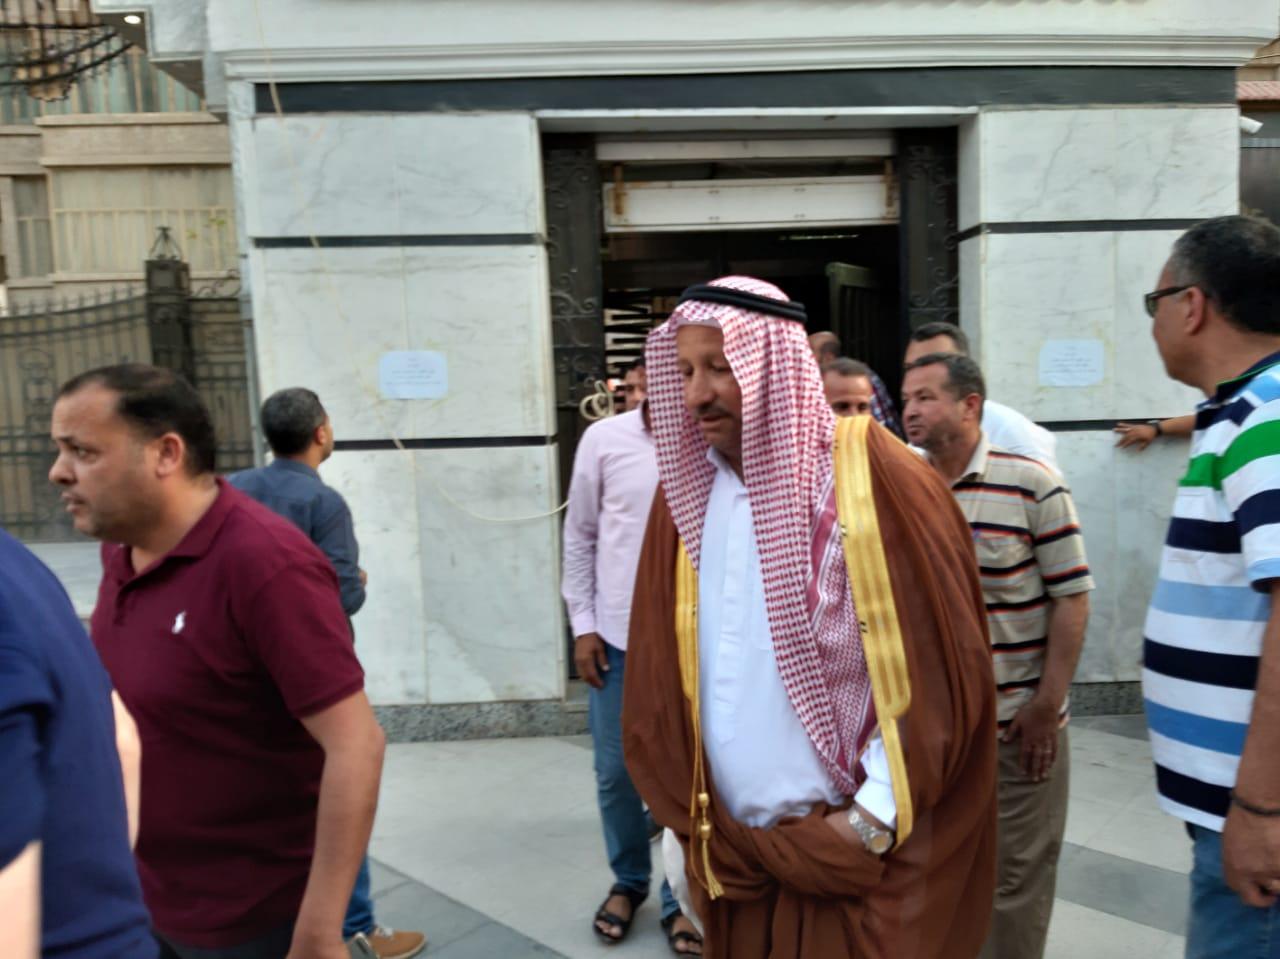 مجلس الجبلاية واعضاء الجمعية العمومية في افطار الشامي بالمحلة (6)